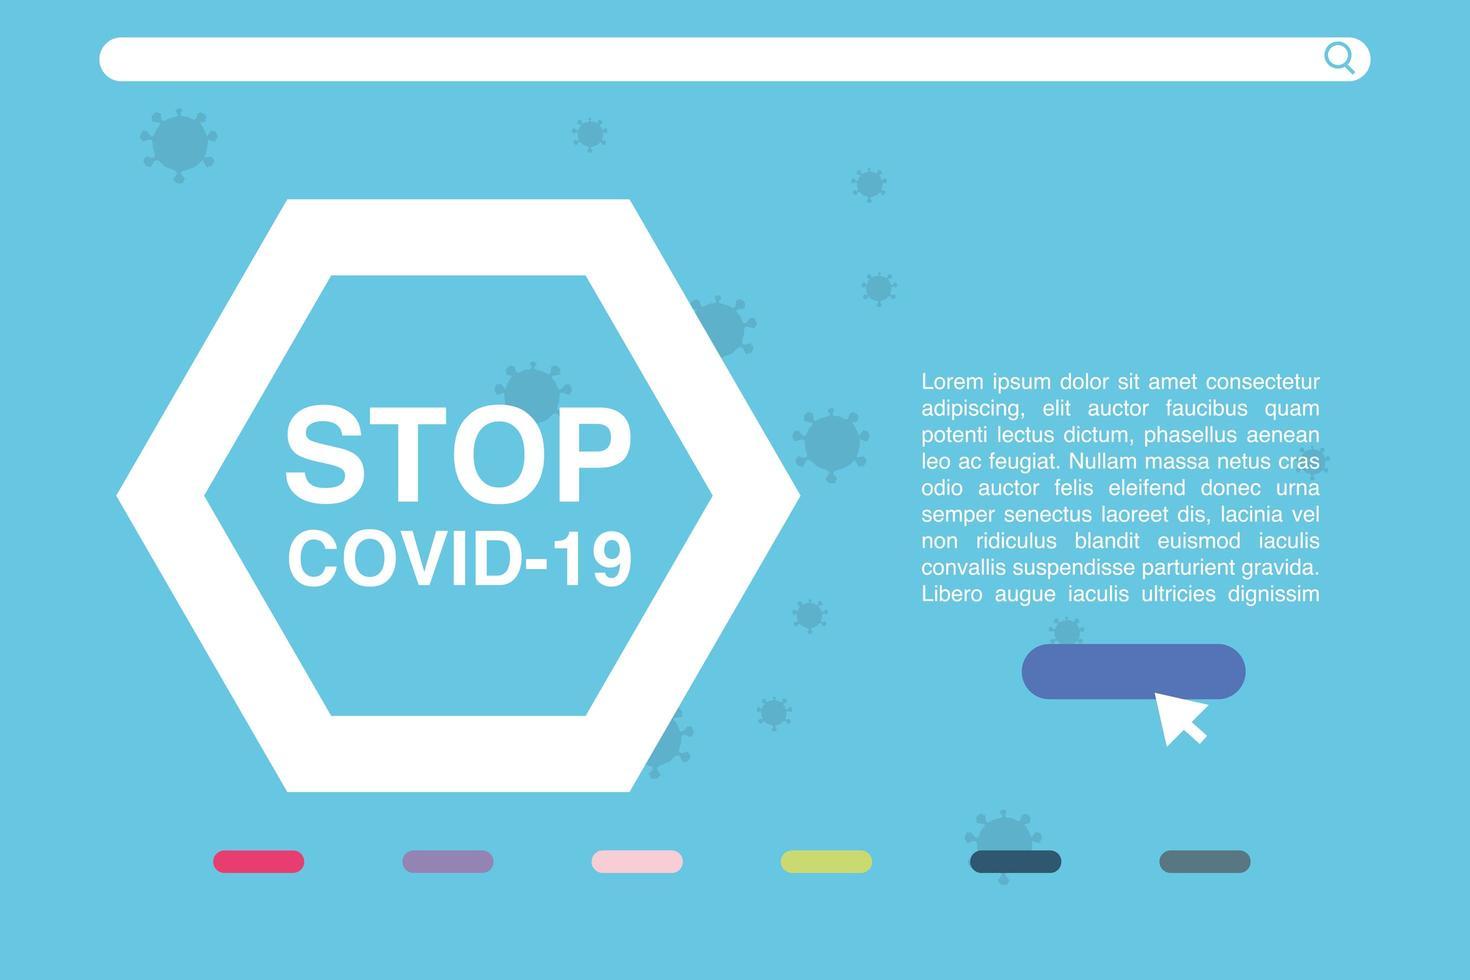 Stop Covid 19, der Kampf gegen das Coronavirus, Pandemie mit gefährlichen Zellen vektor